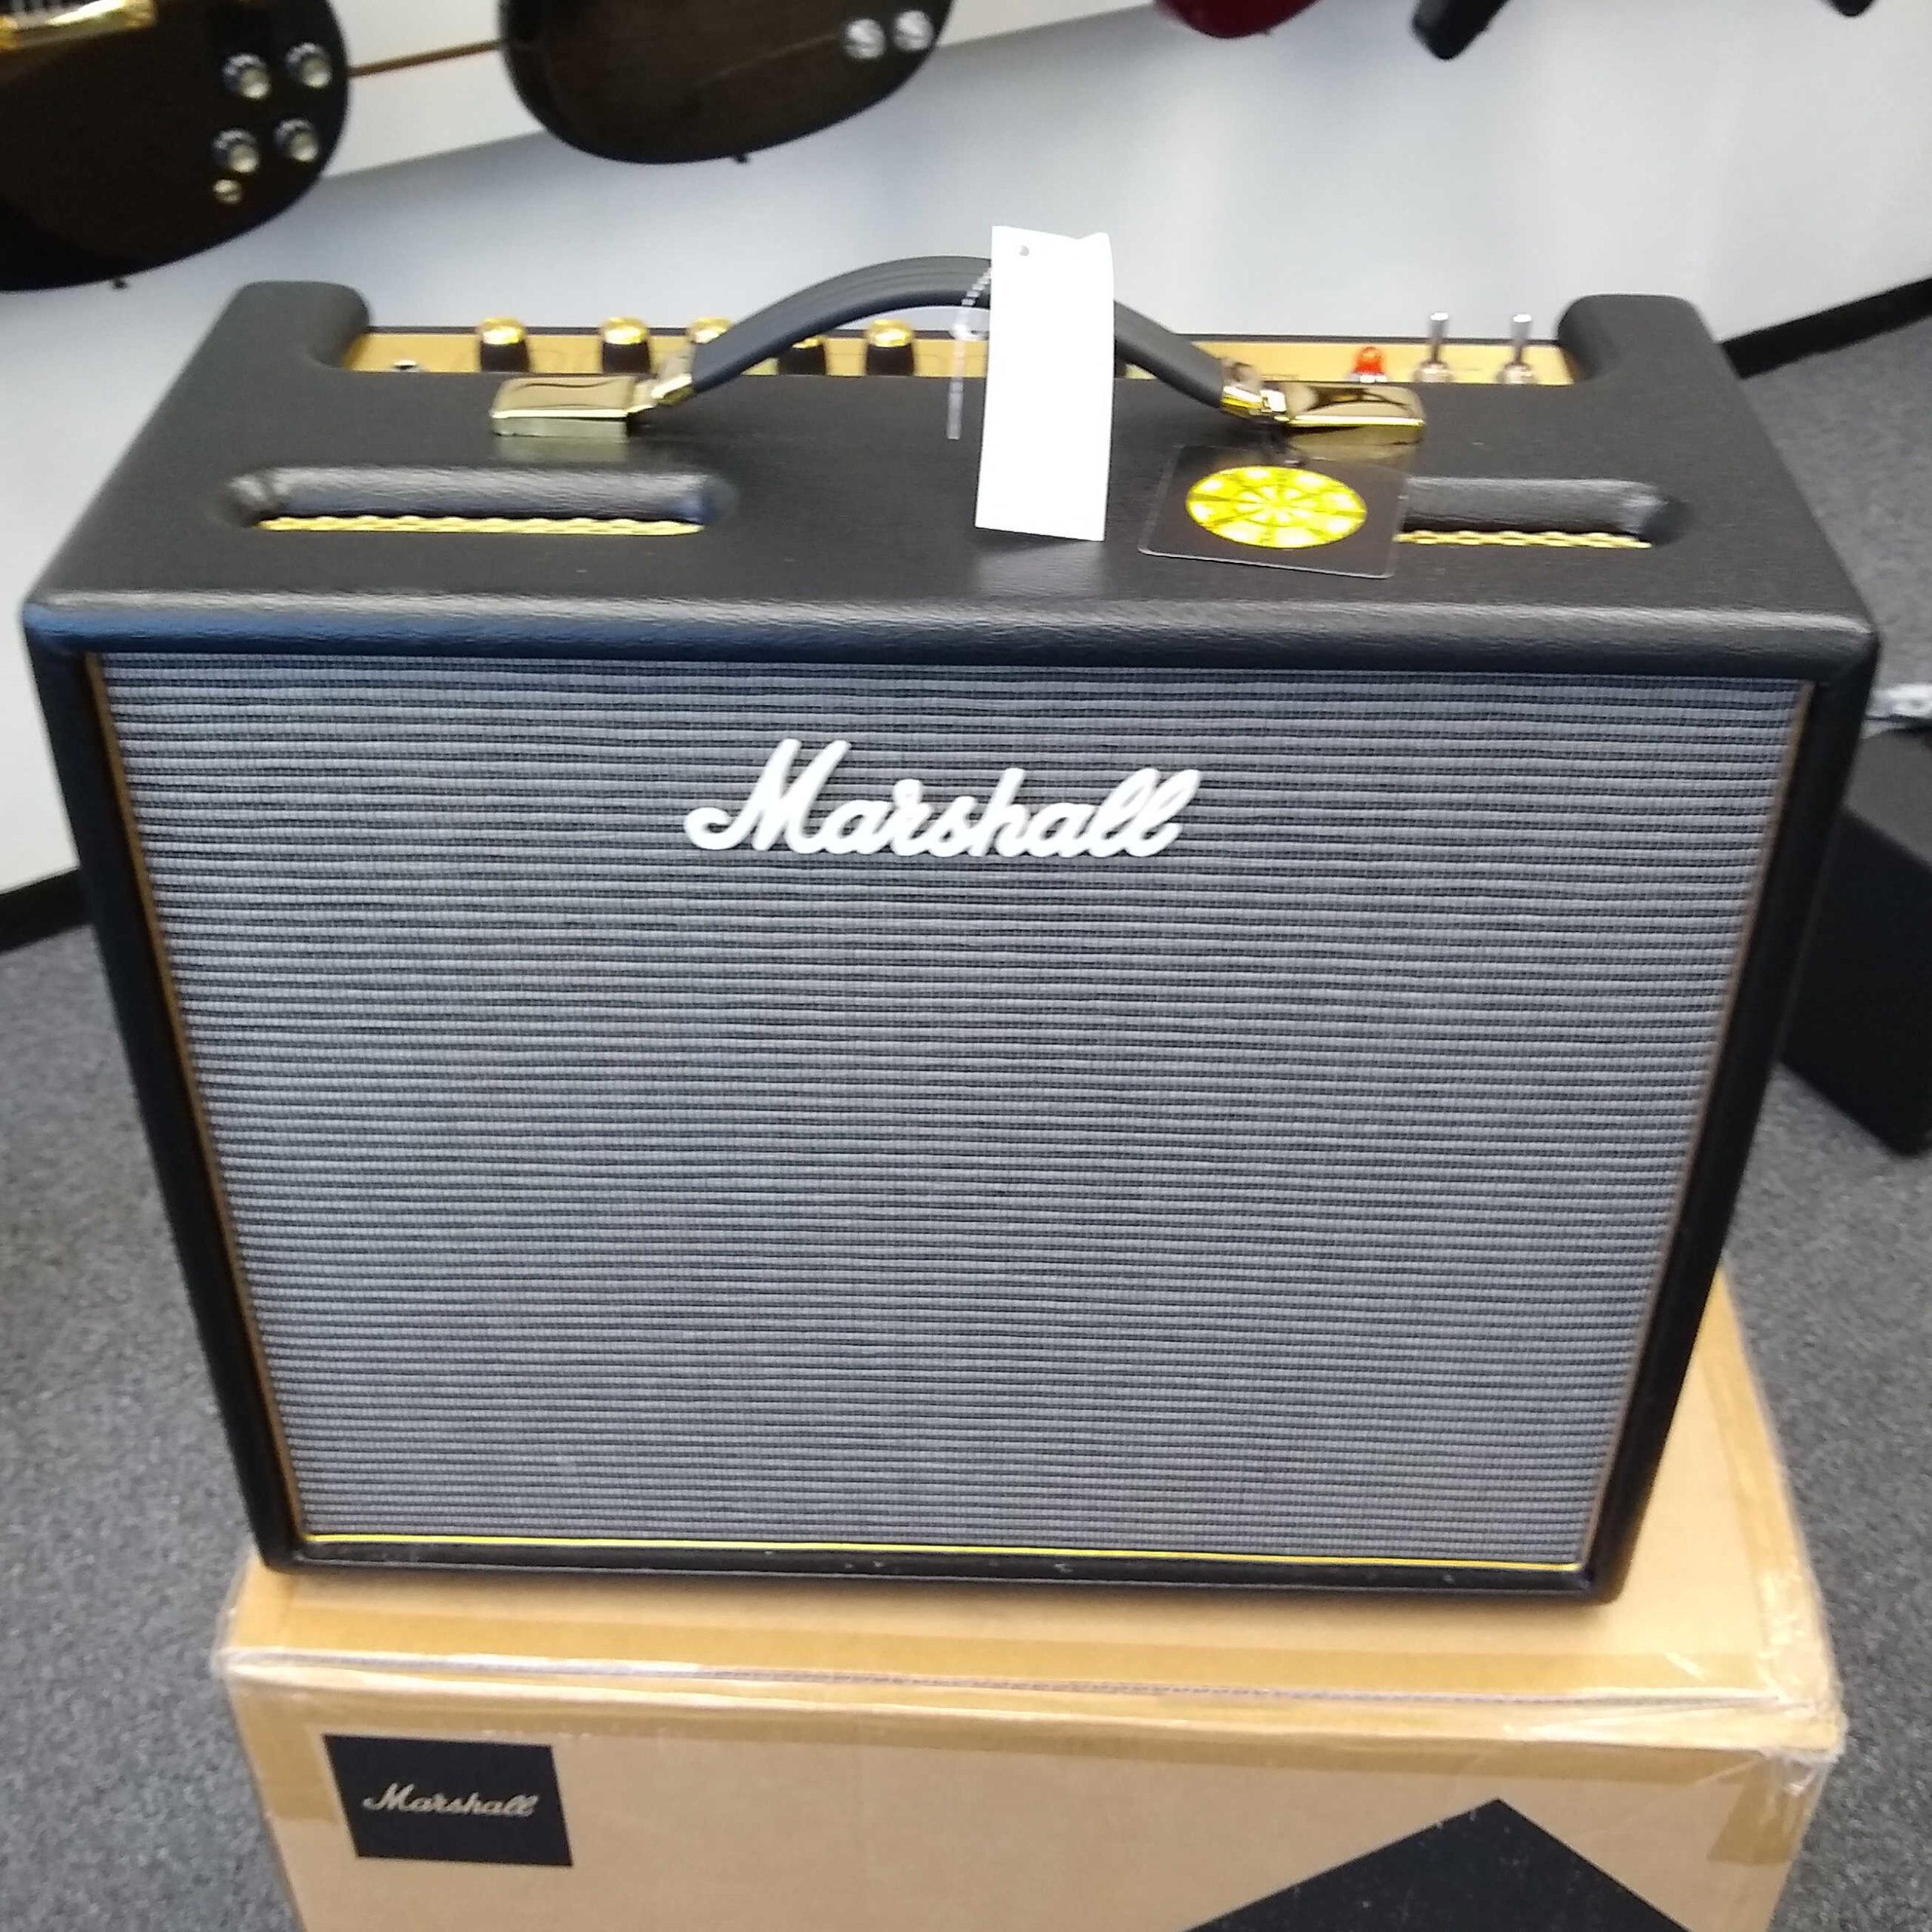 Marshall Origin 20 Amplifier